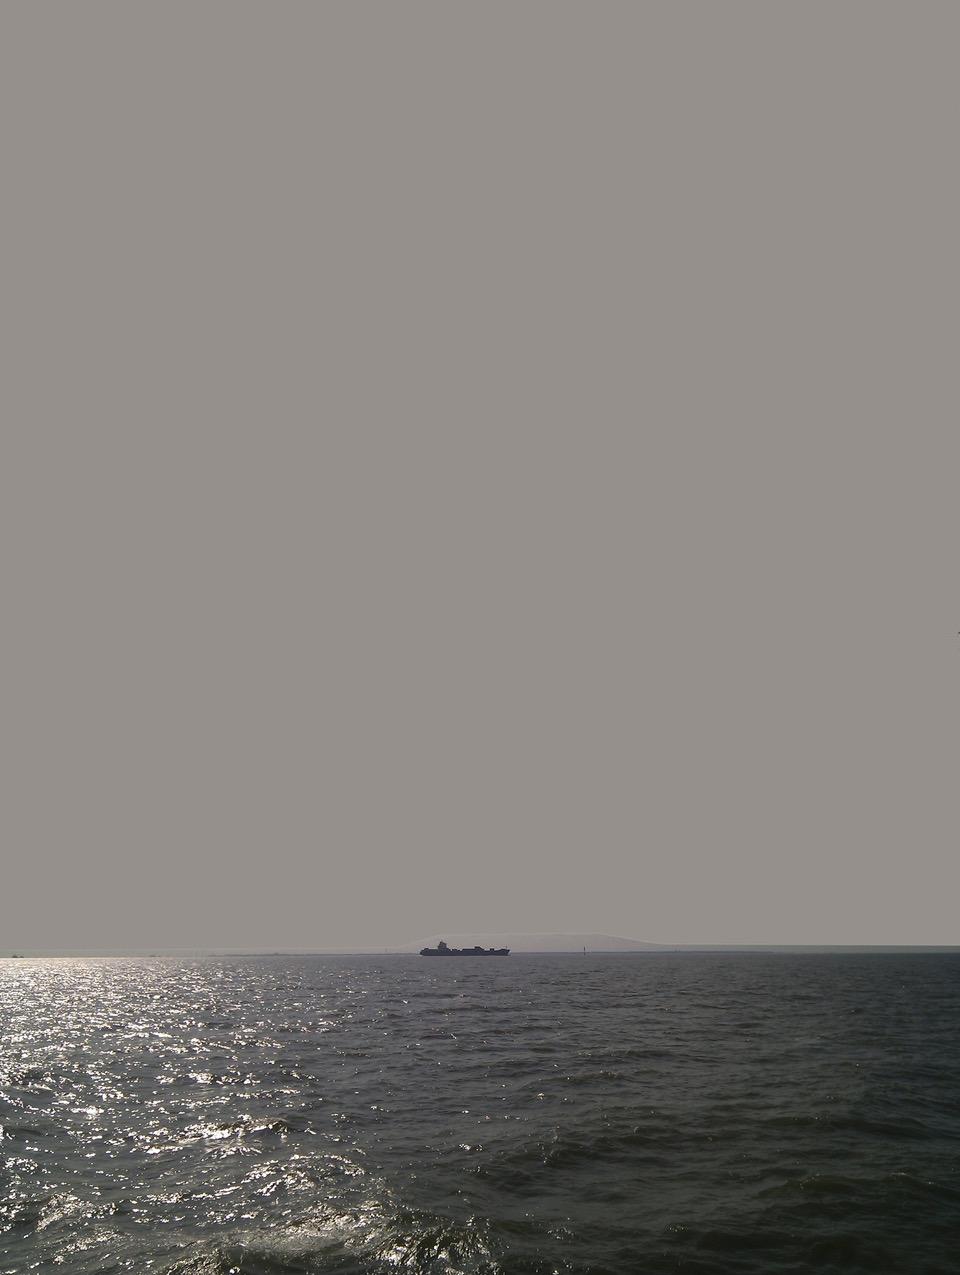 Anna Vogel, Salto di Quirra II, 2017, pigment print, 40 x 30 cm